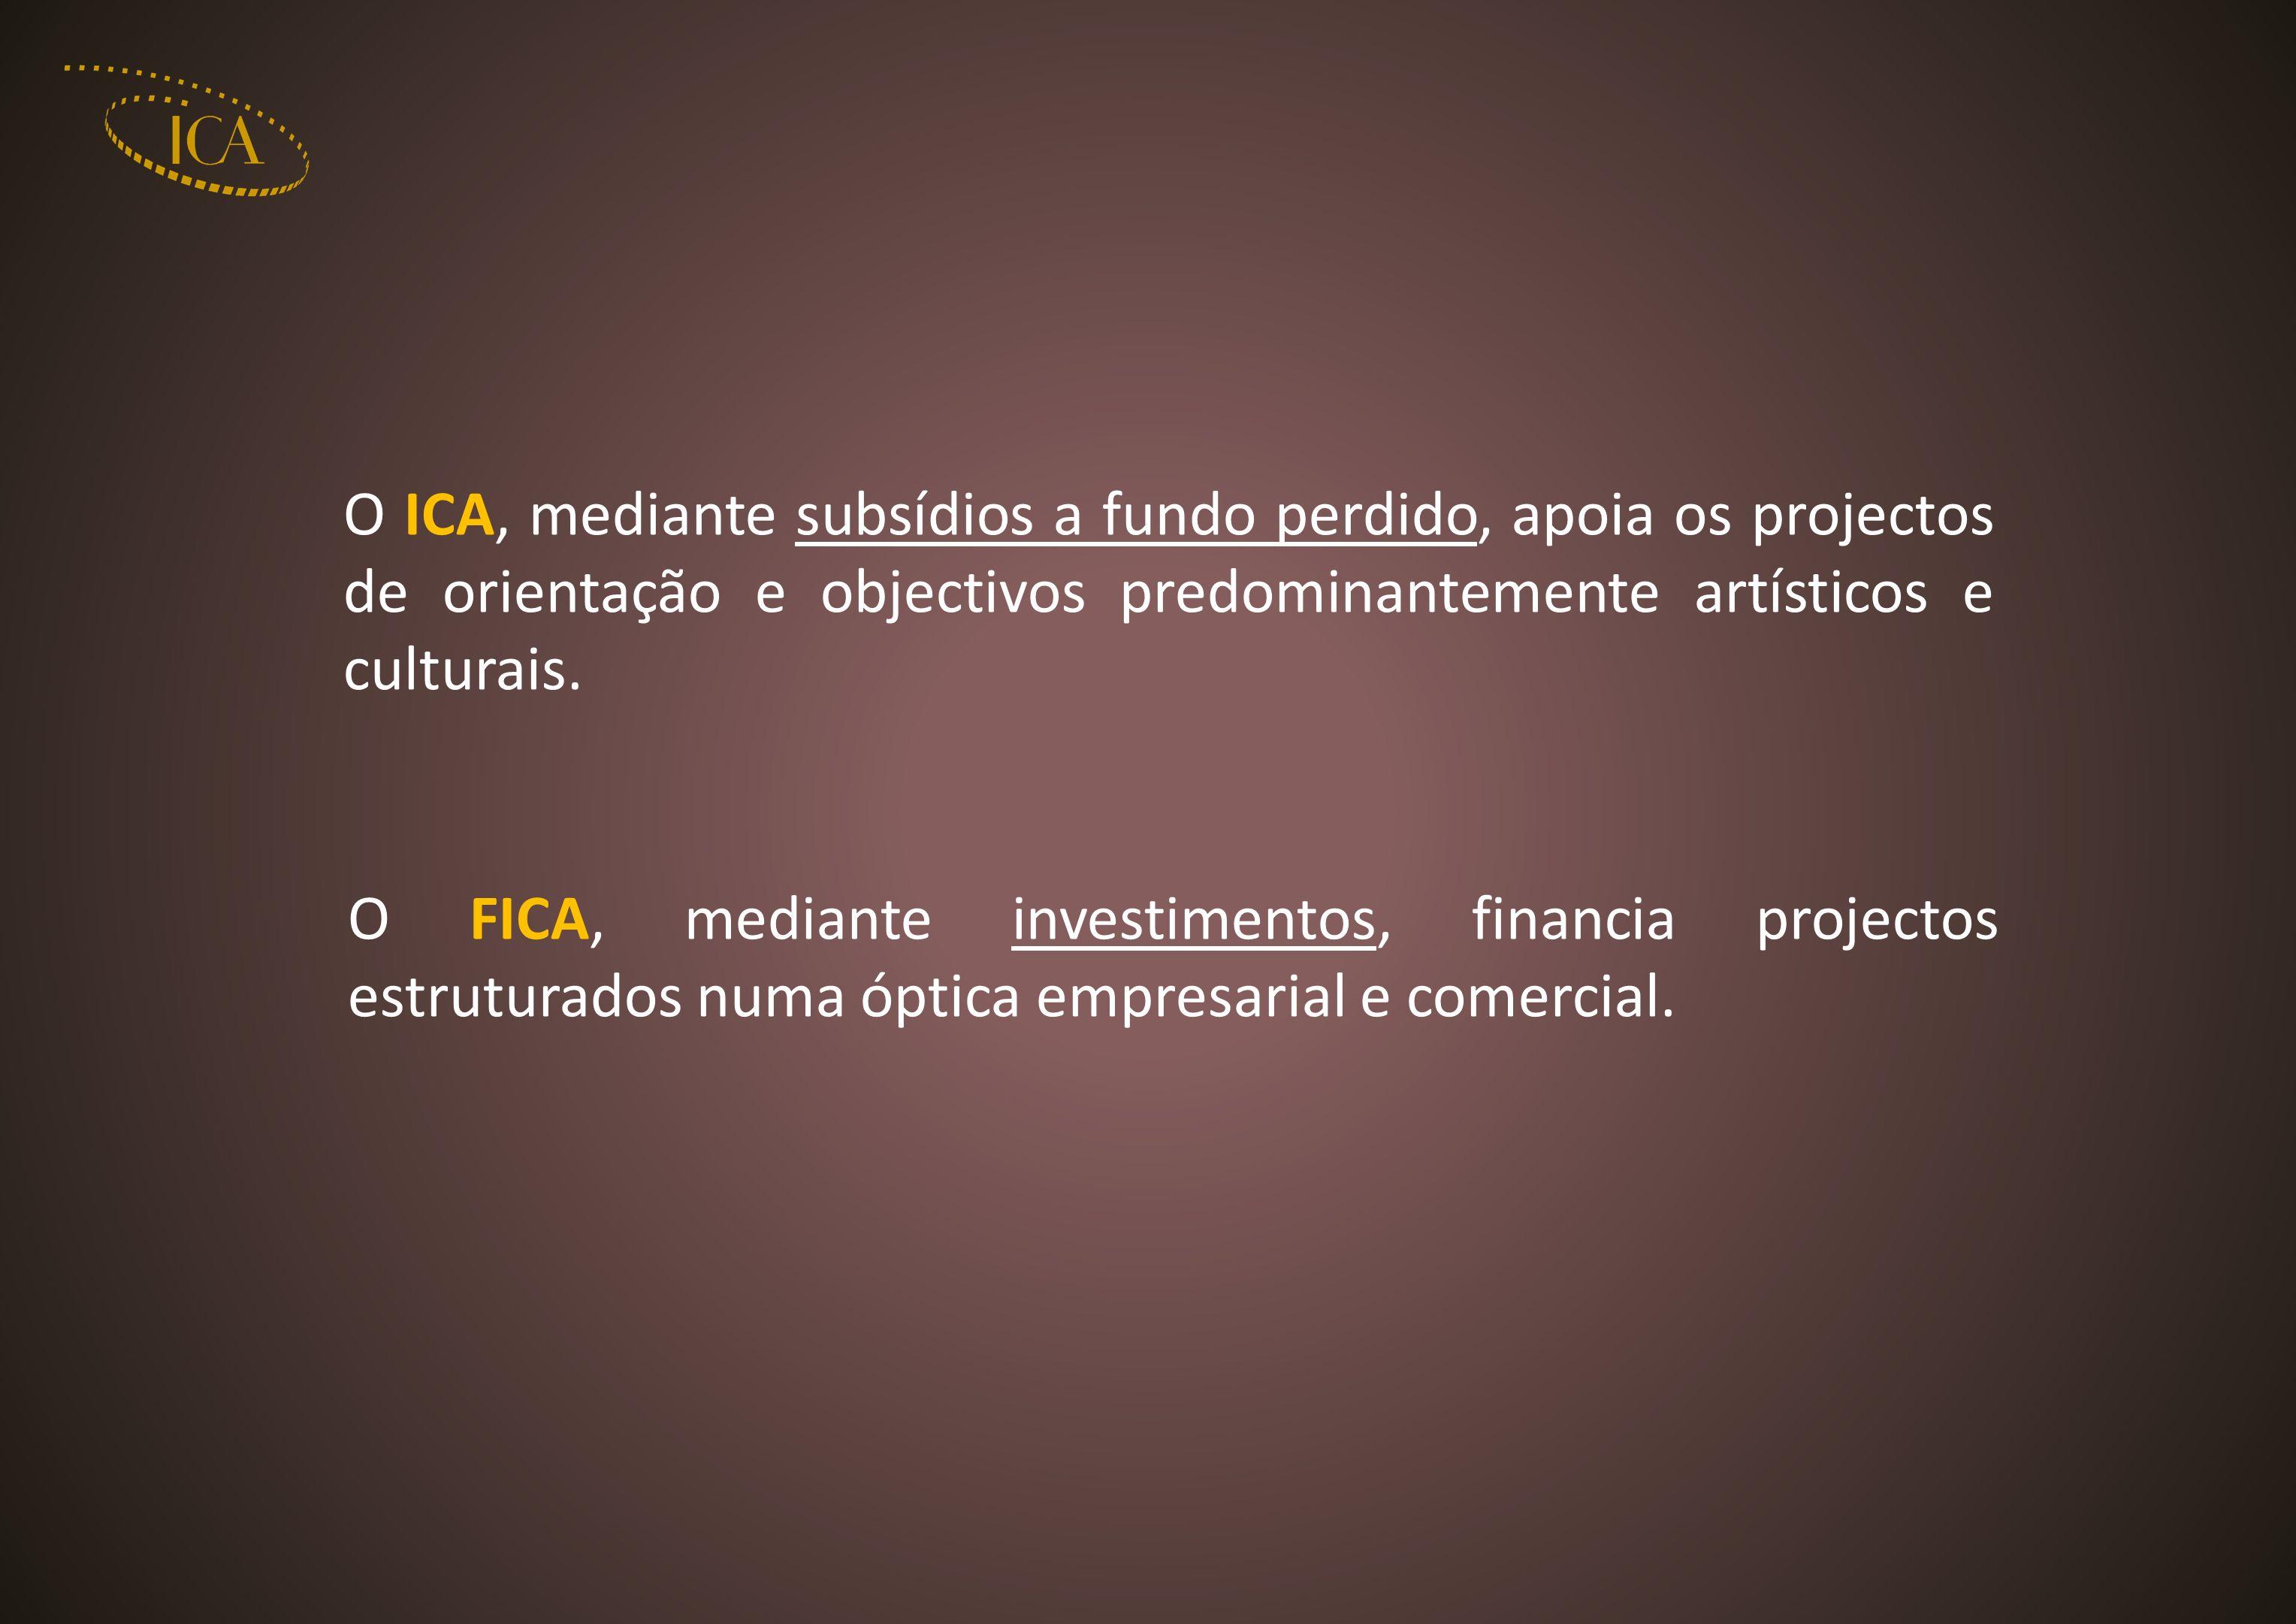 O ICA, mediante subsídios a fundo perdido, apoia os projectos de orientação e objectivos predominantemente artísticos e culturais. O FICA, mediante in